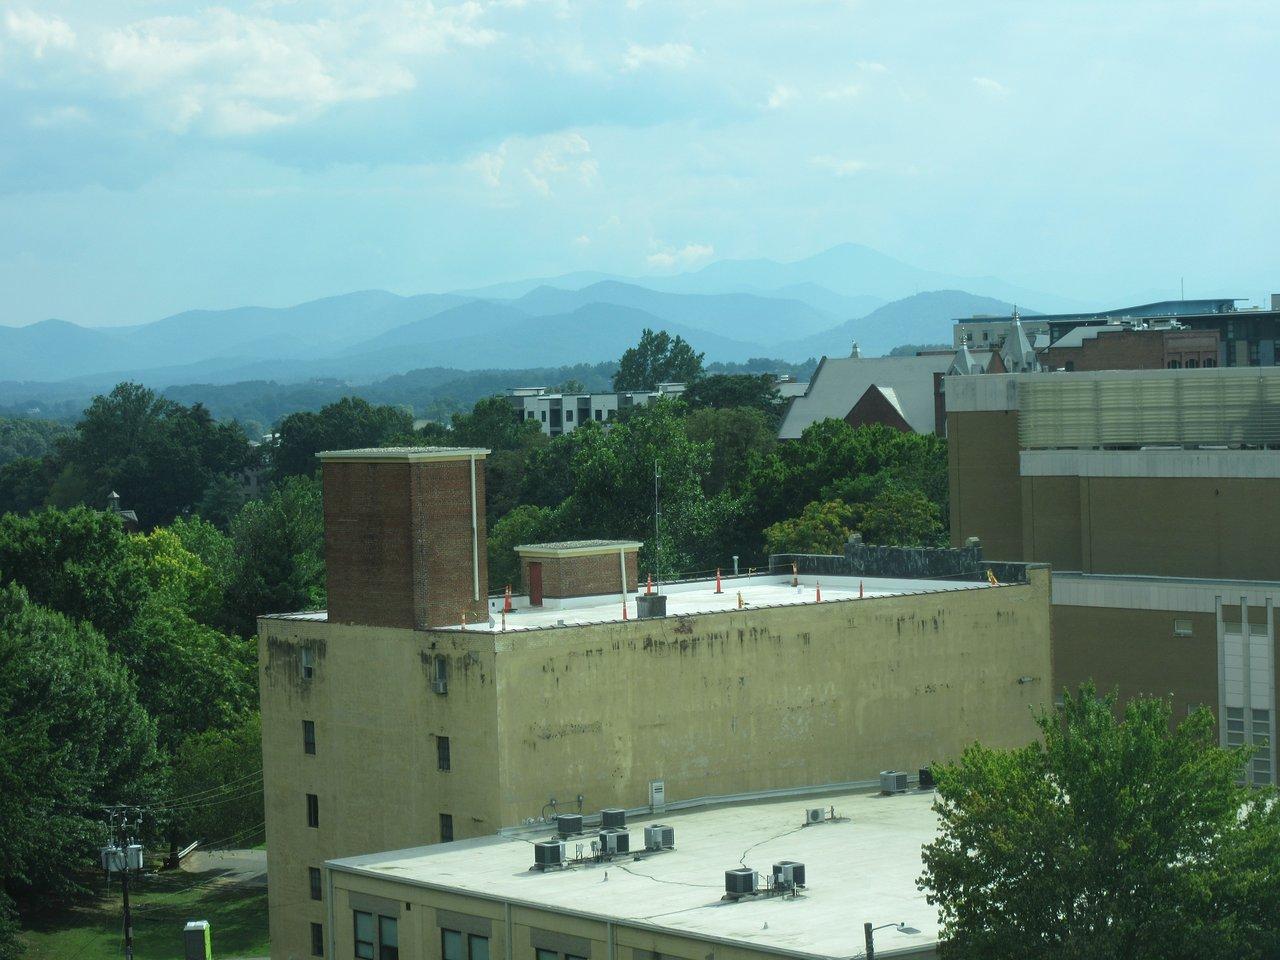 Hilton Garden Inn Asheville Downtown 156 1 7 8 Updated